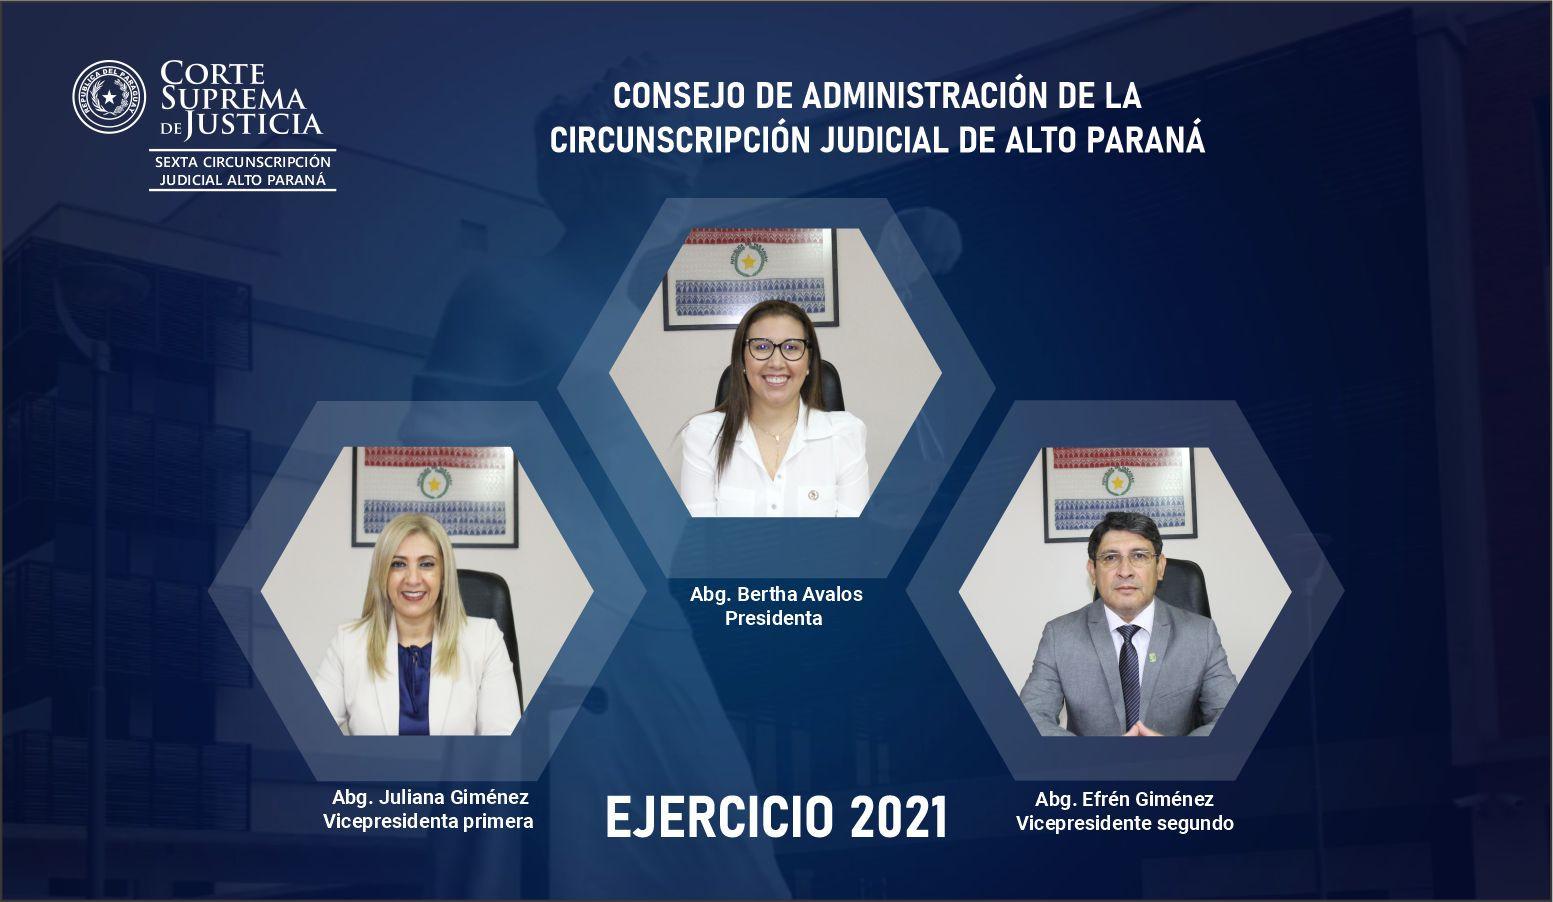 Consejo Periodo 2021